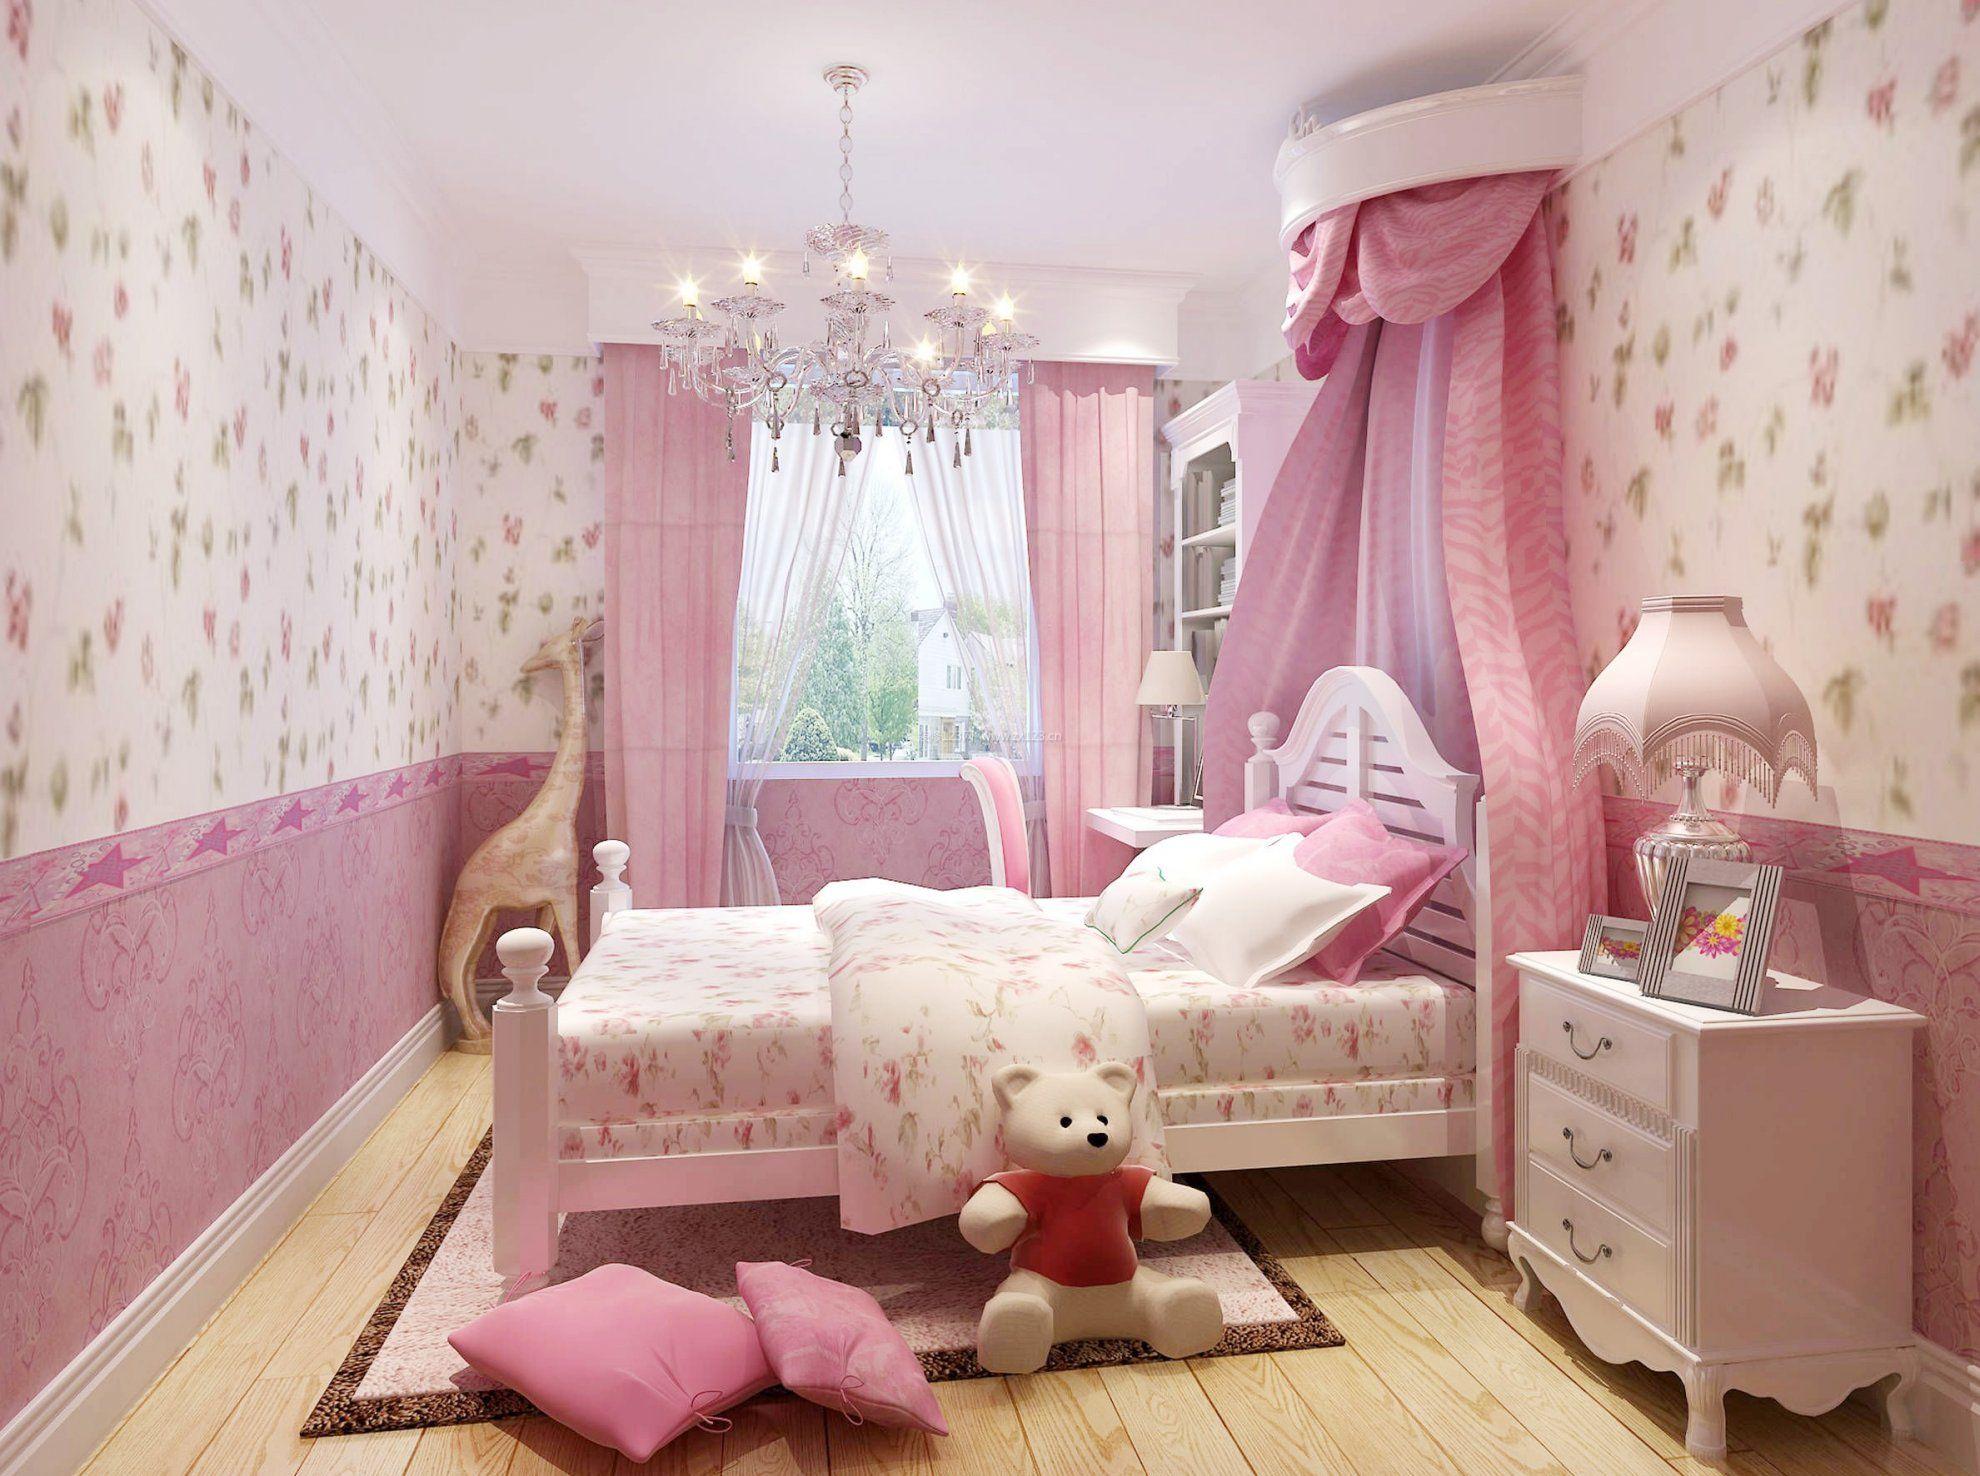 背景墙 房间 家居 起居室 设计 卧室 卧室装修 现代 装修 1980_1476图片